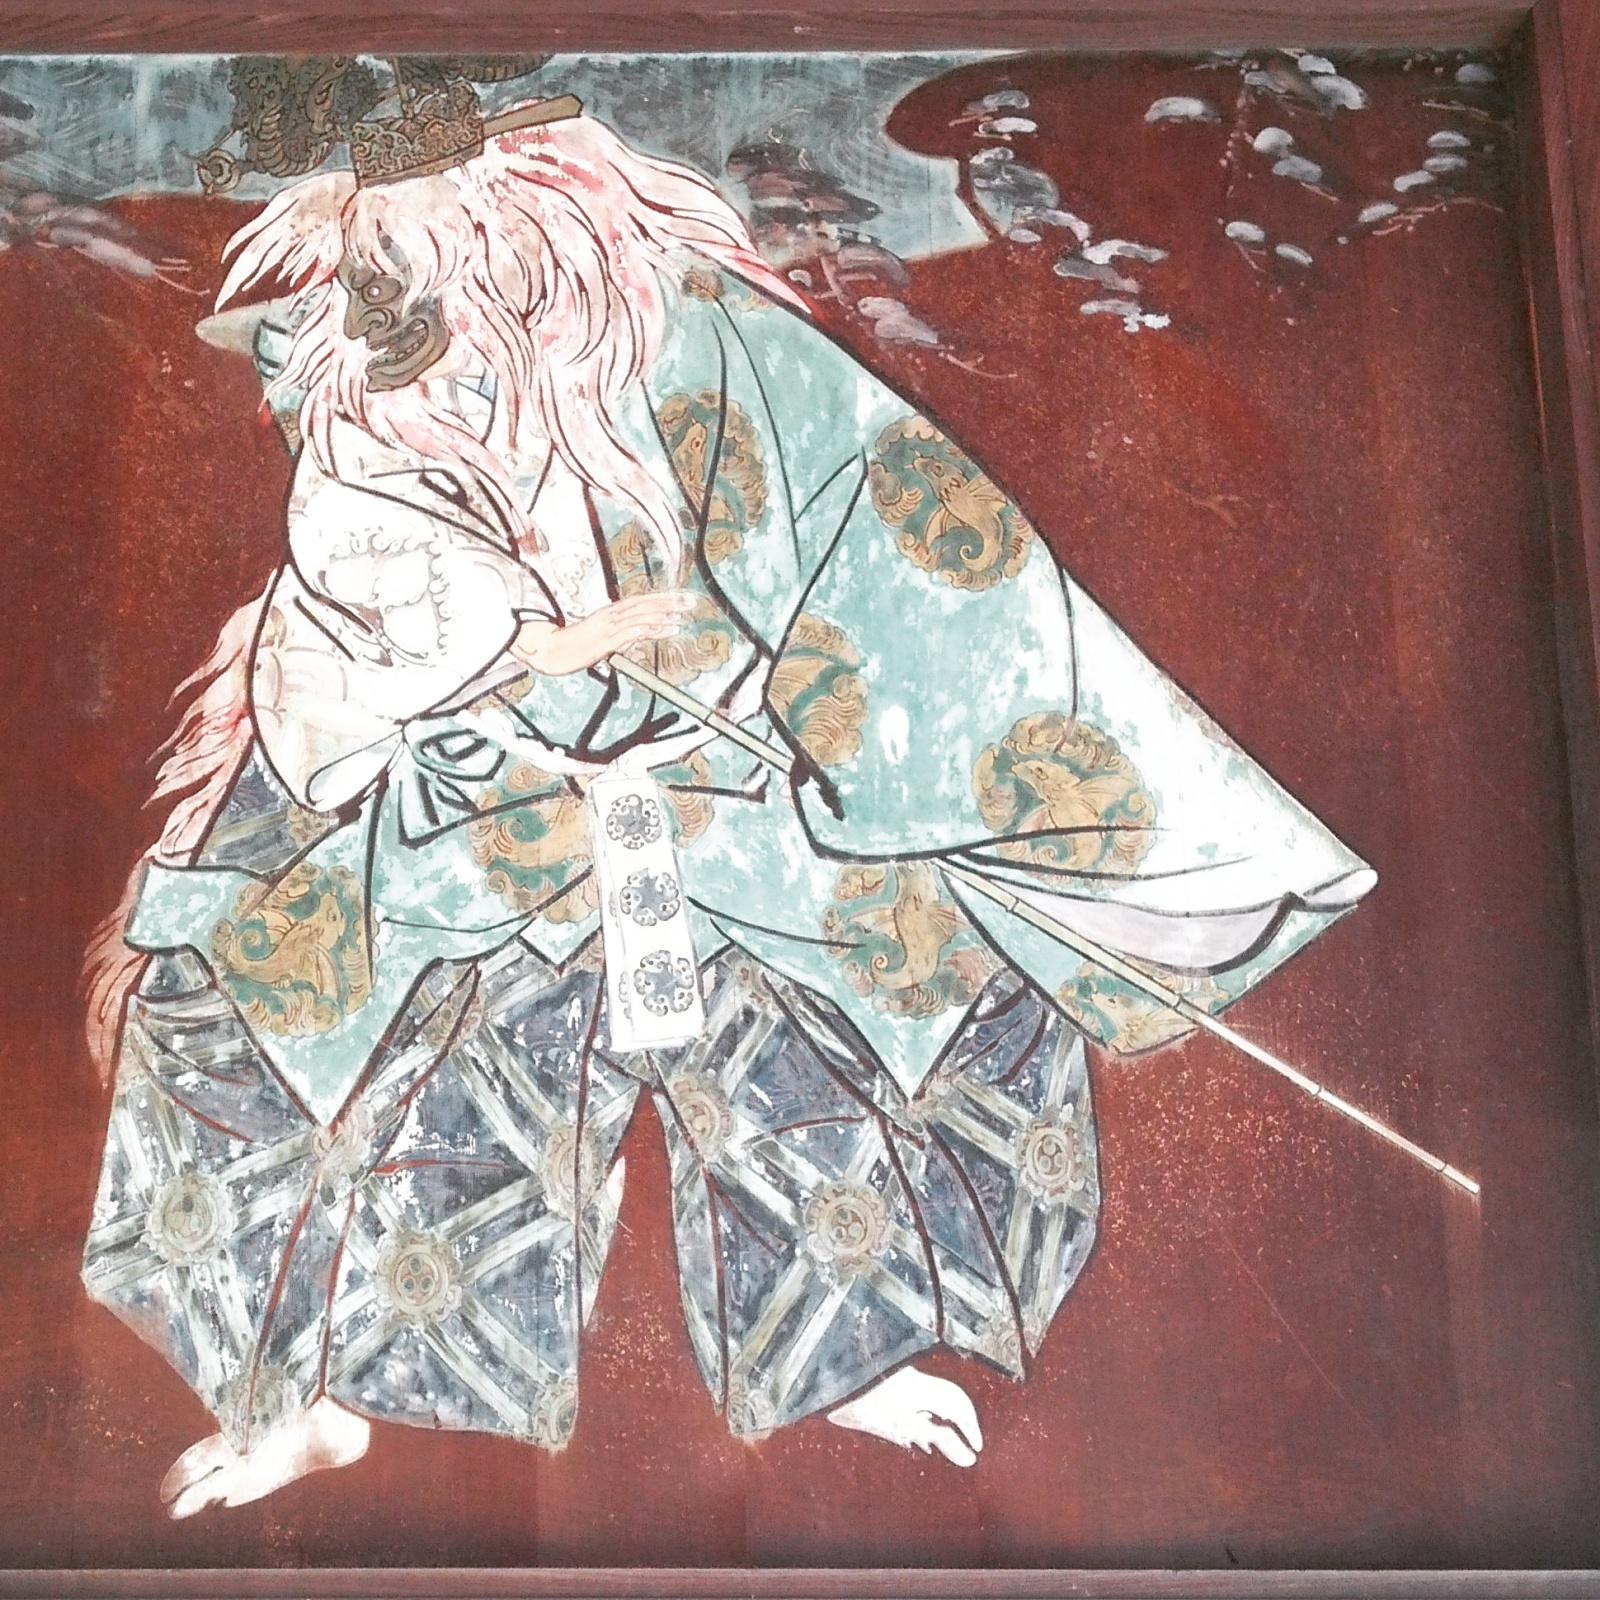 住吉大社絵馬殿にあった《岩船》の絵馬